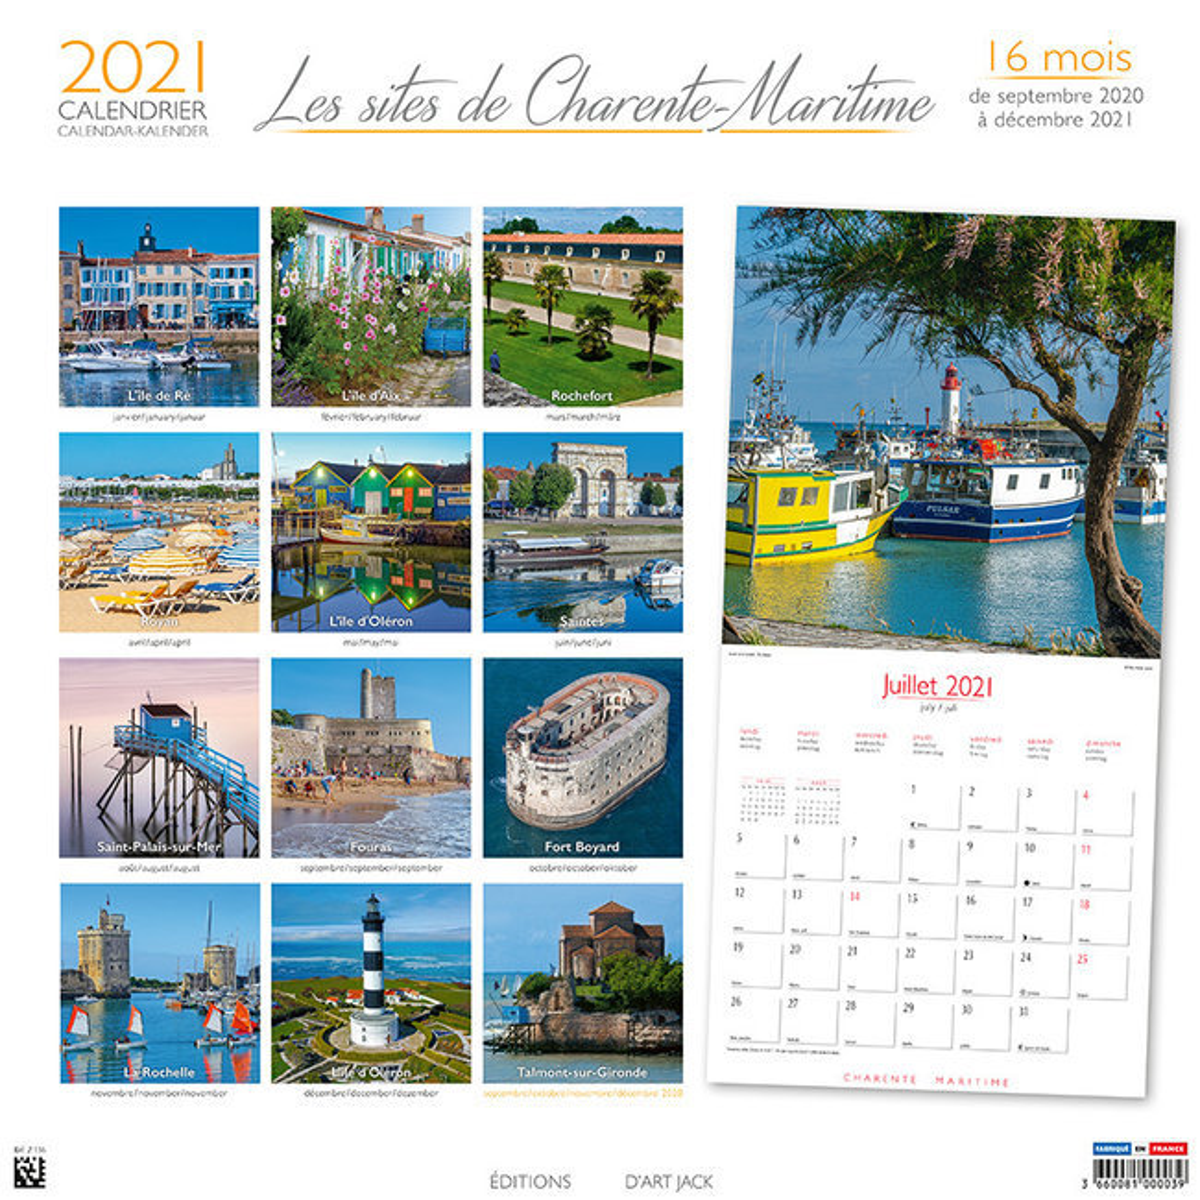 Beau Calendrier 2021 Calendrier 2021 Les plus beaux endroits de Charente